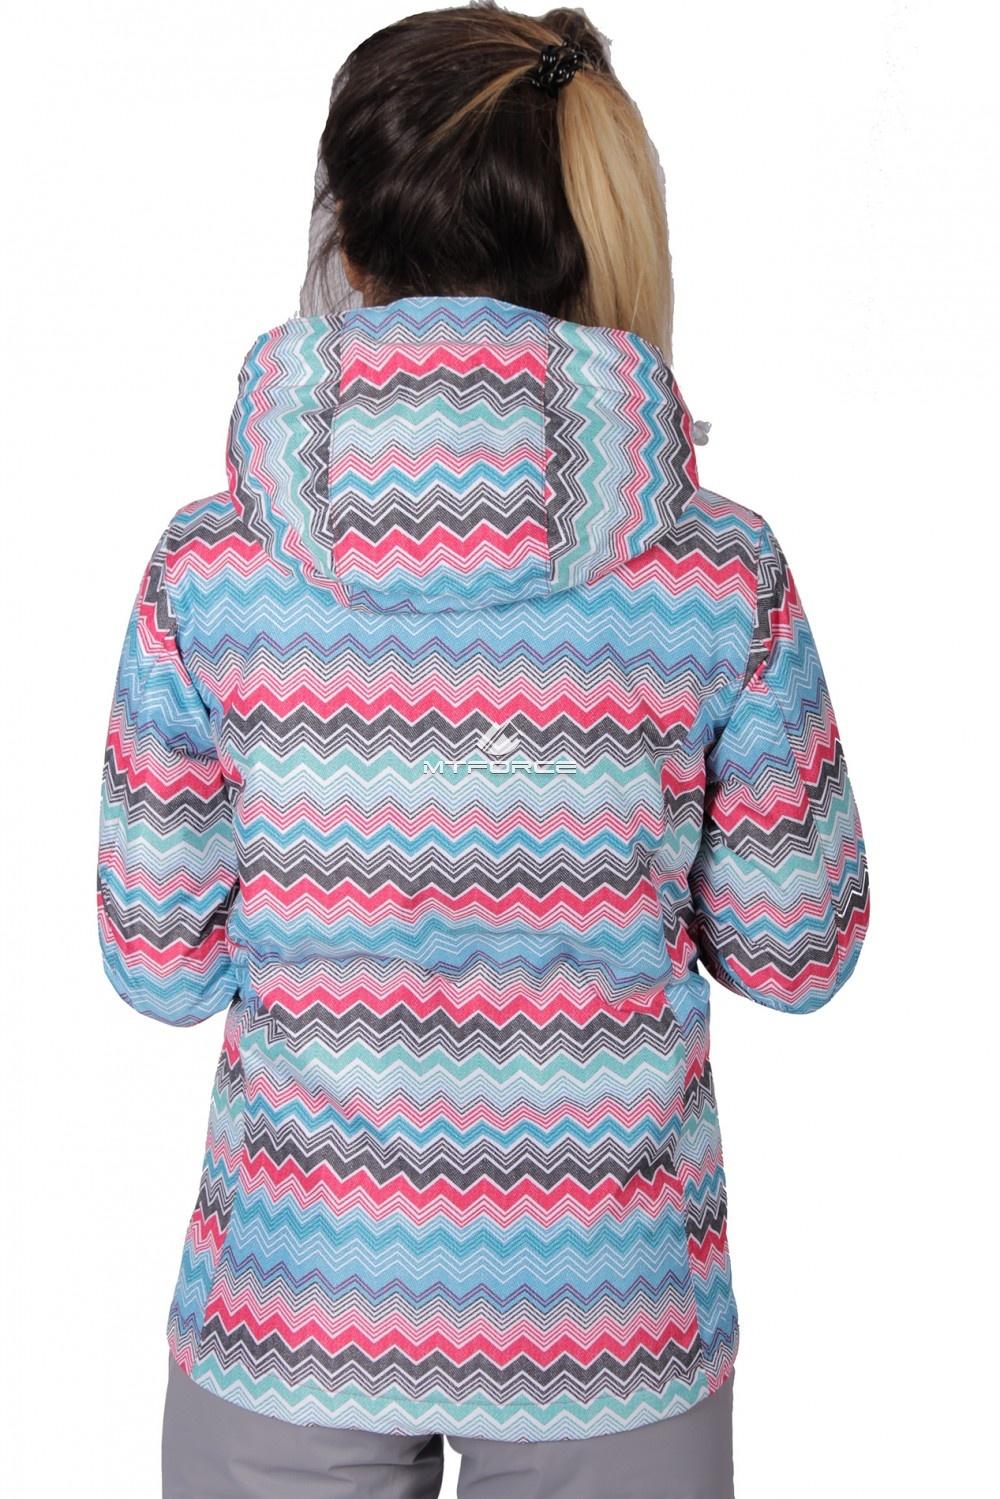 Купить оптом Куртка спортивная женская осень весна розового цвета 1716R в Перми